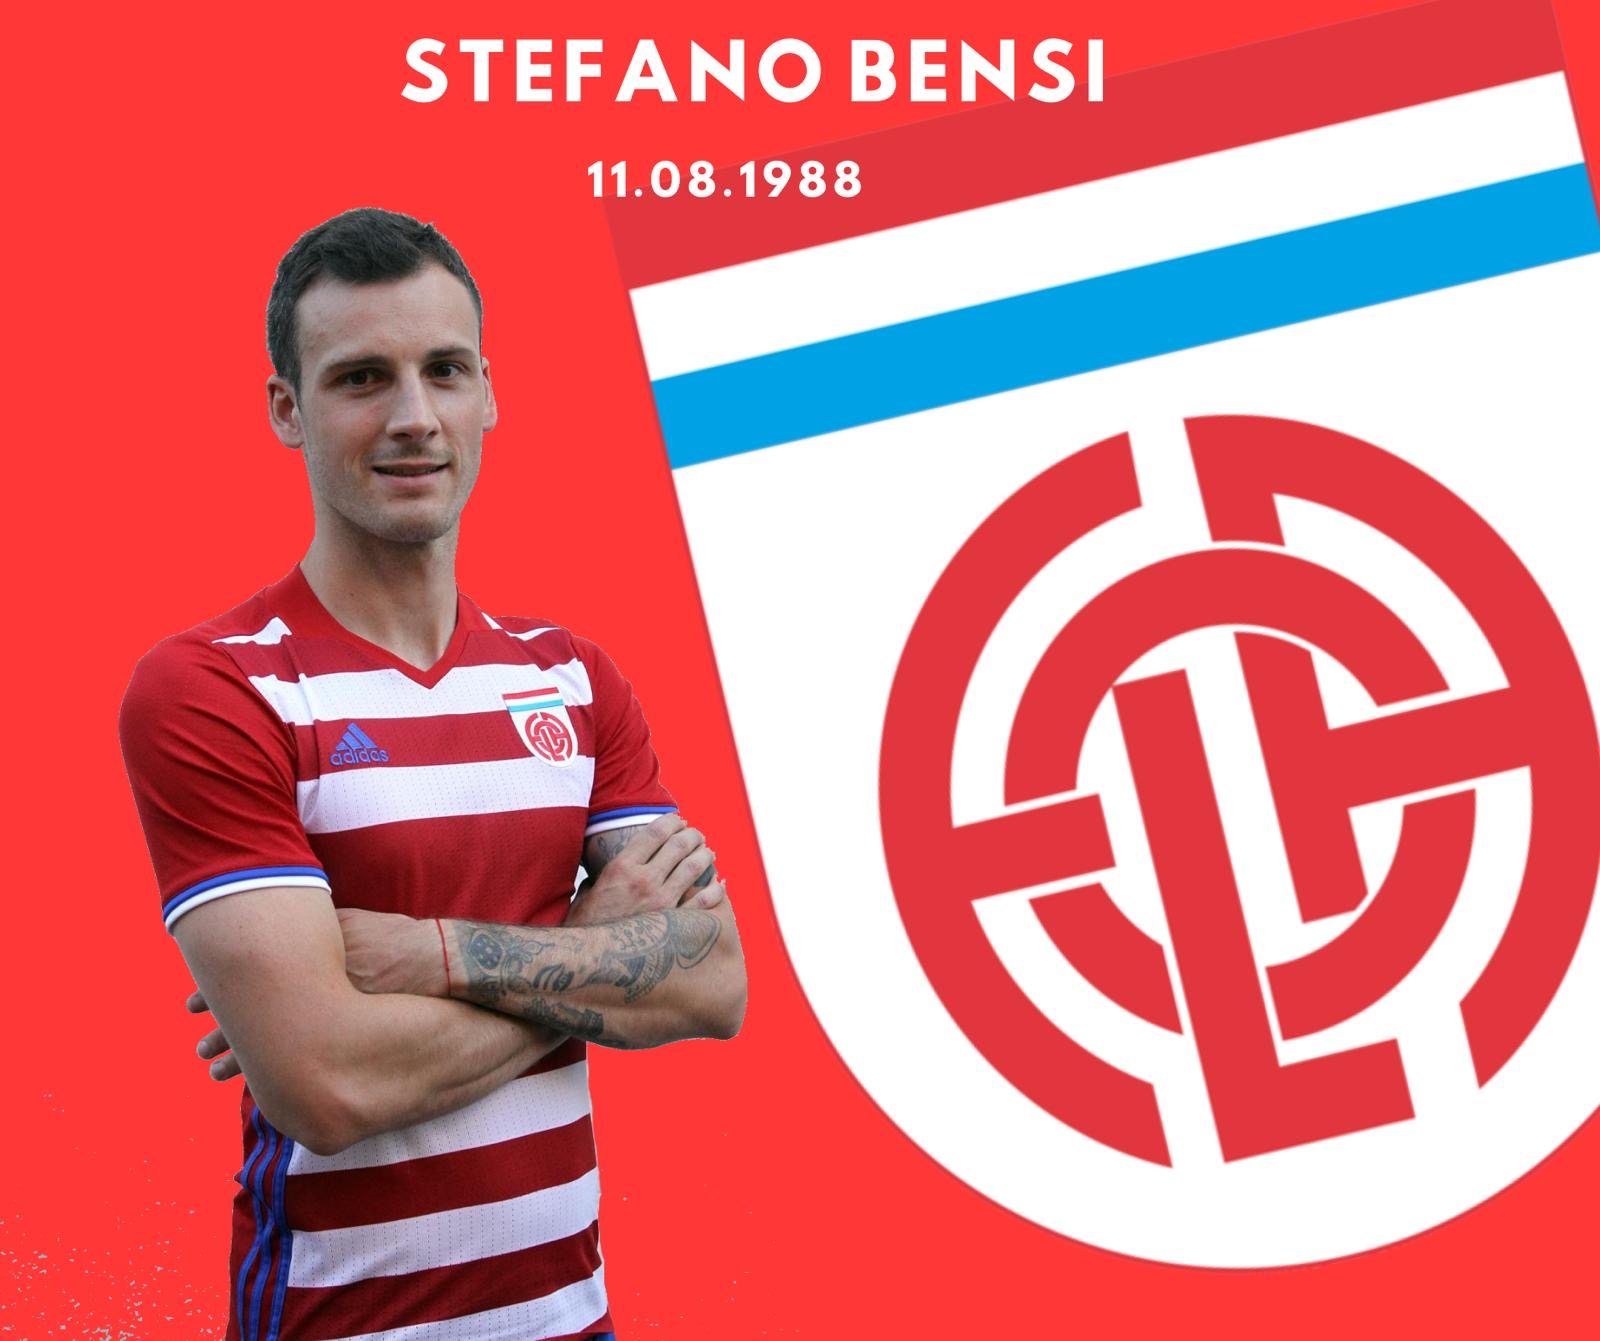 Stefano Bensi signe un contrat longue durée (5 ans) au FOLA: MERCI pour ce signe de confiance même après 8 années de collaboration